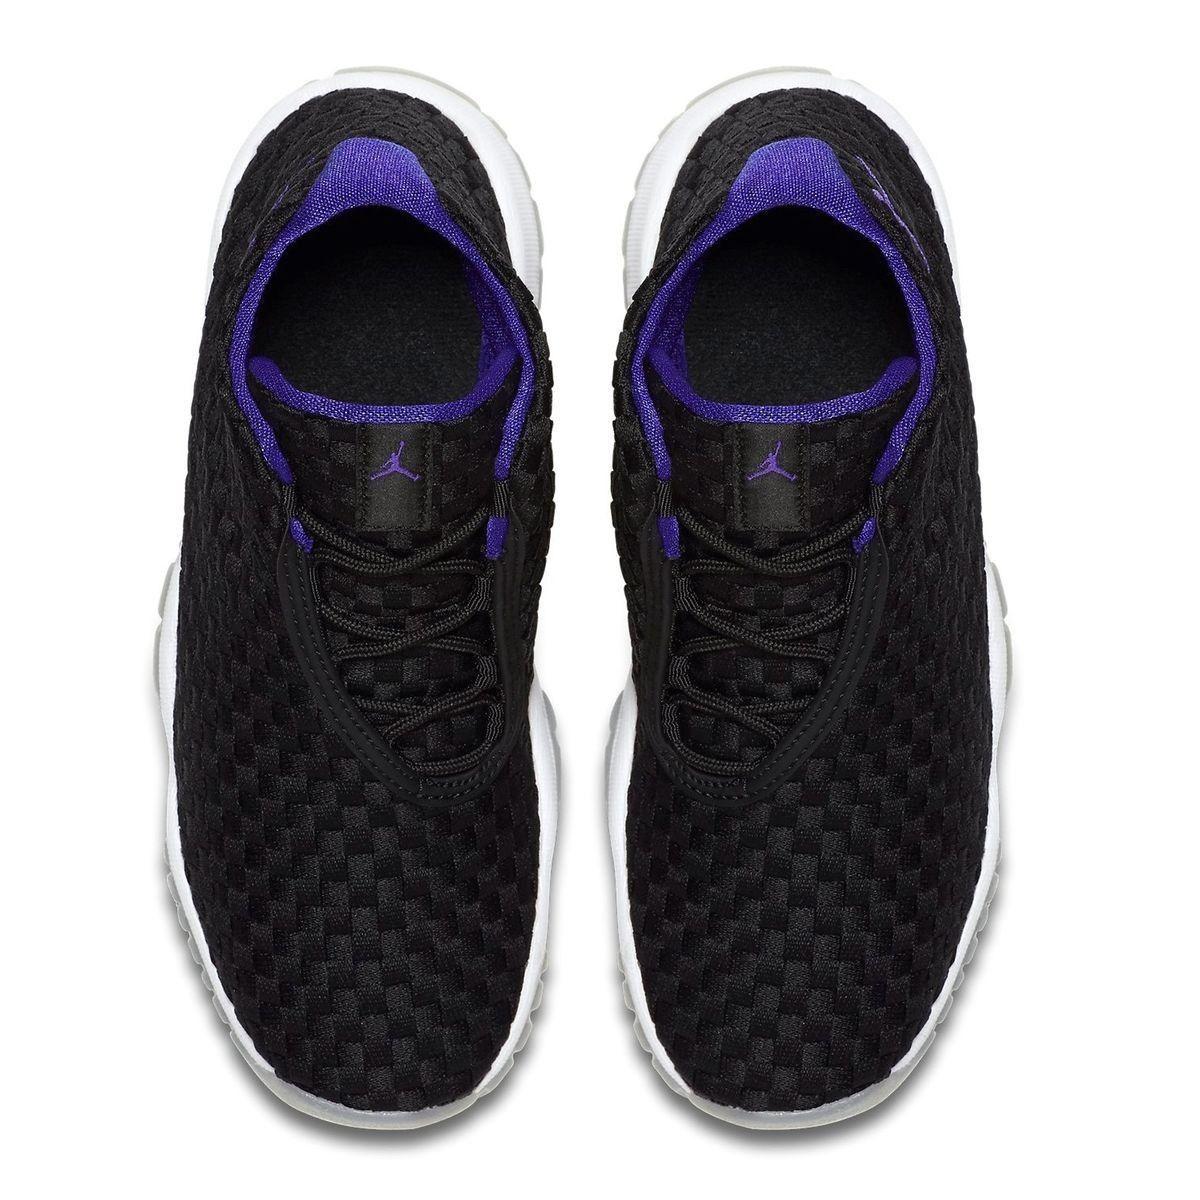 nouveau produit da626 1207d Baskets JORDAN FUTURE (GS) | Products | Baskets jordan ...